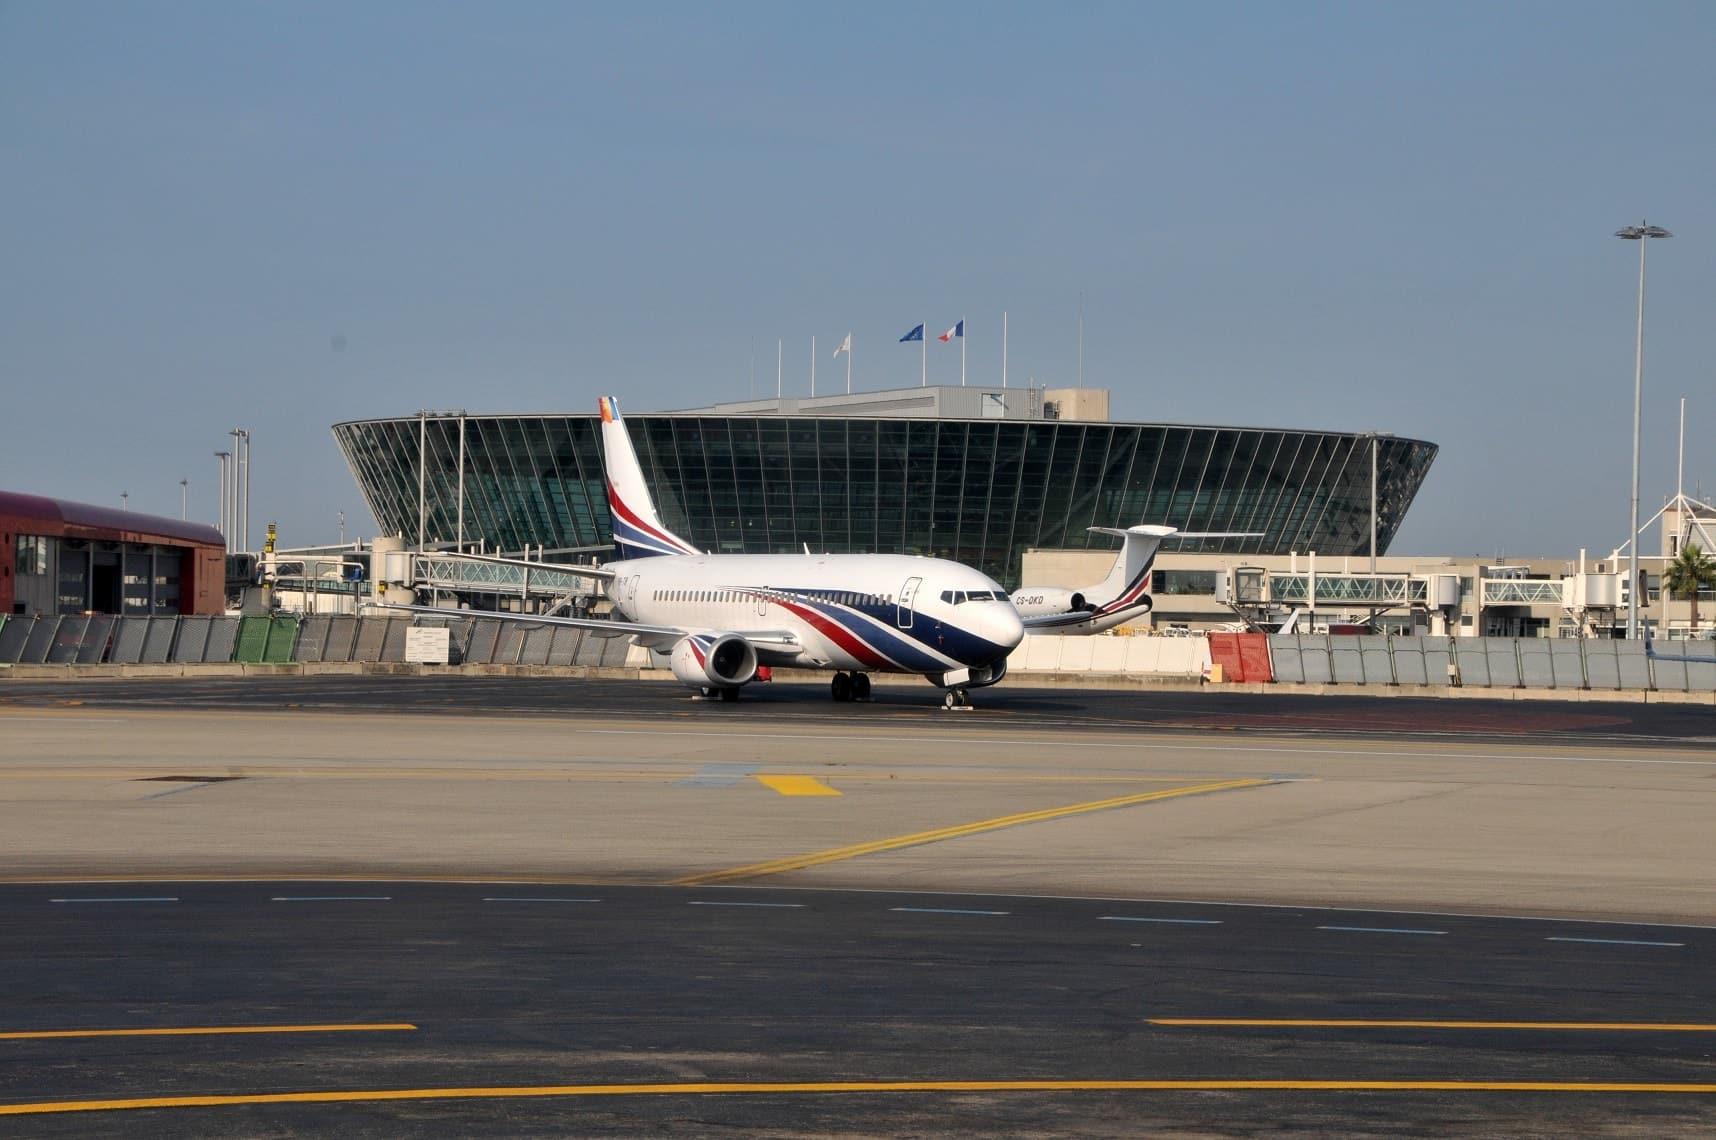 Aéroport Nice avec chauffeur privé vtc Alpes-Maritimes Côte-d'Azur